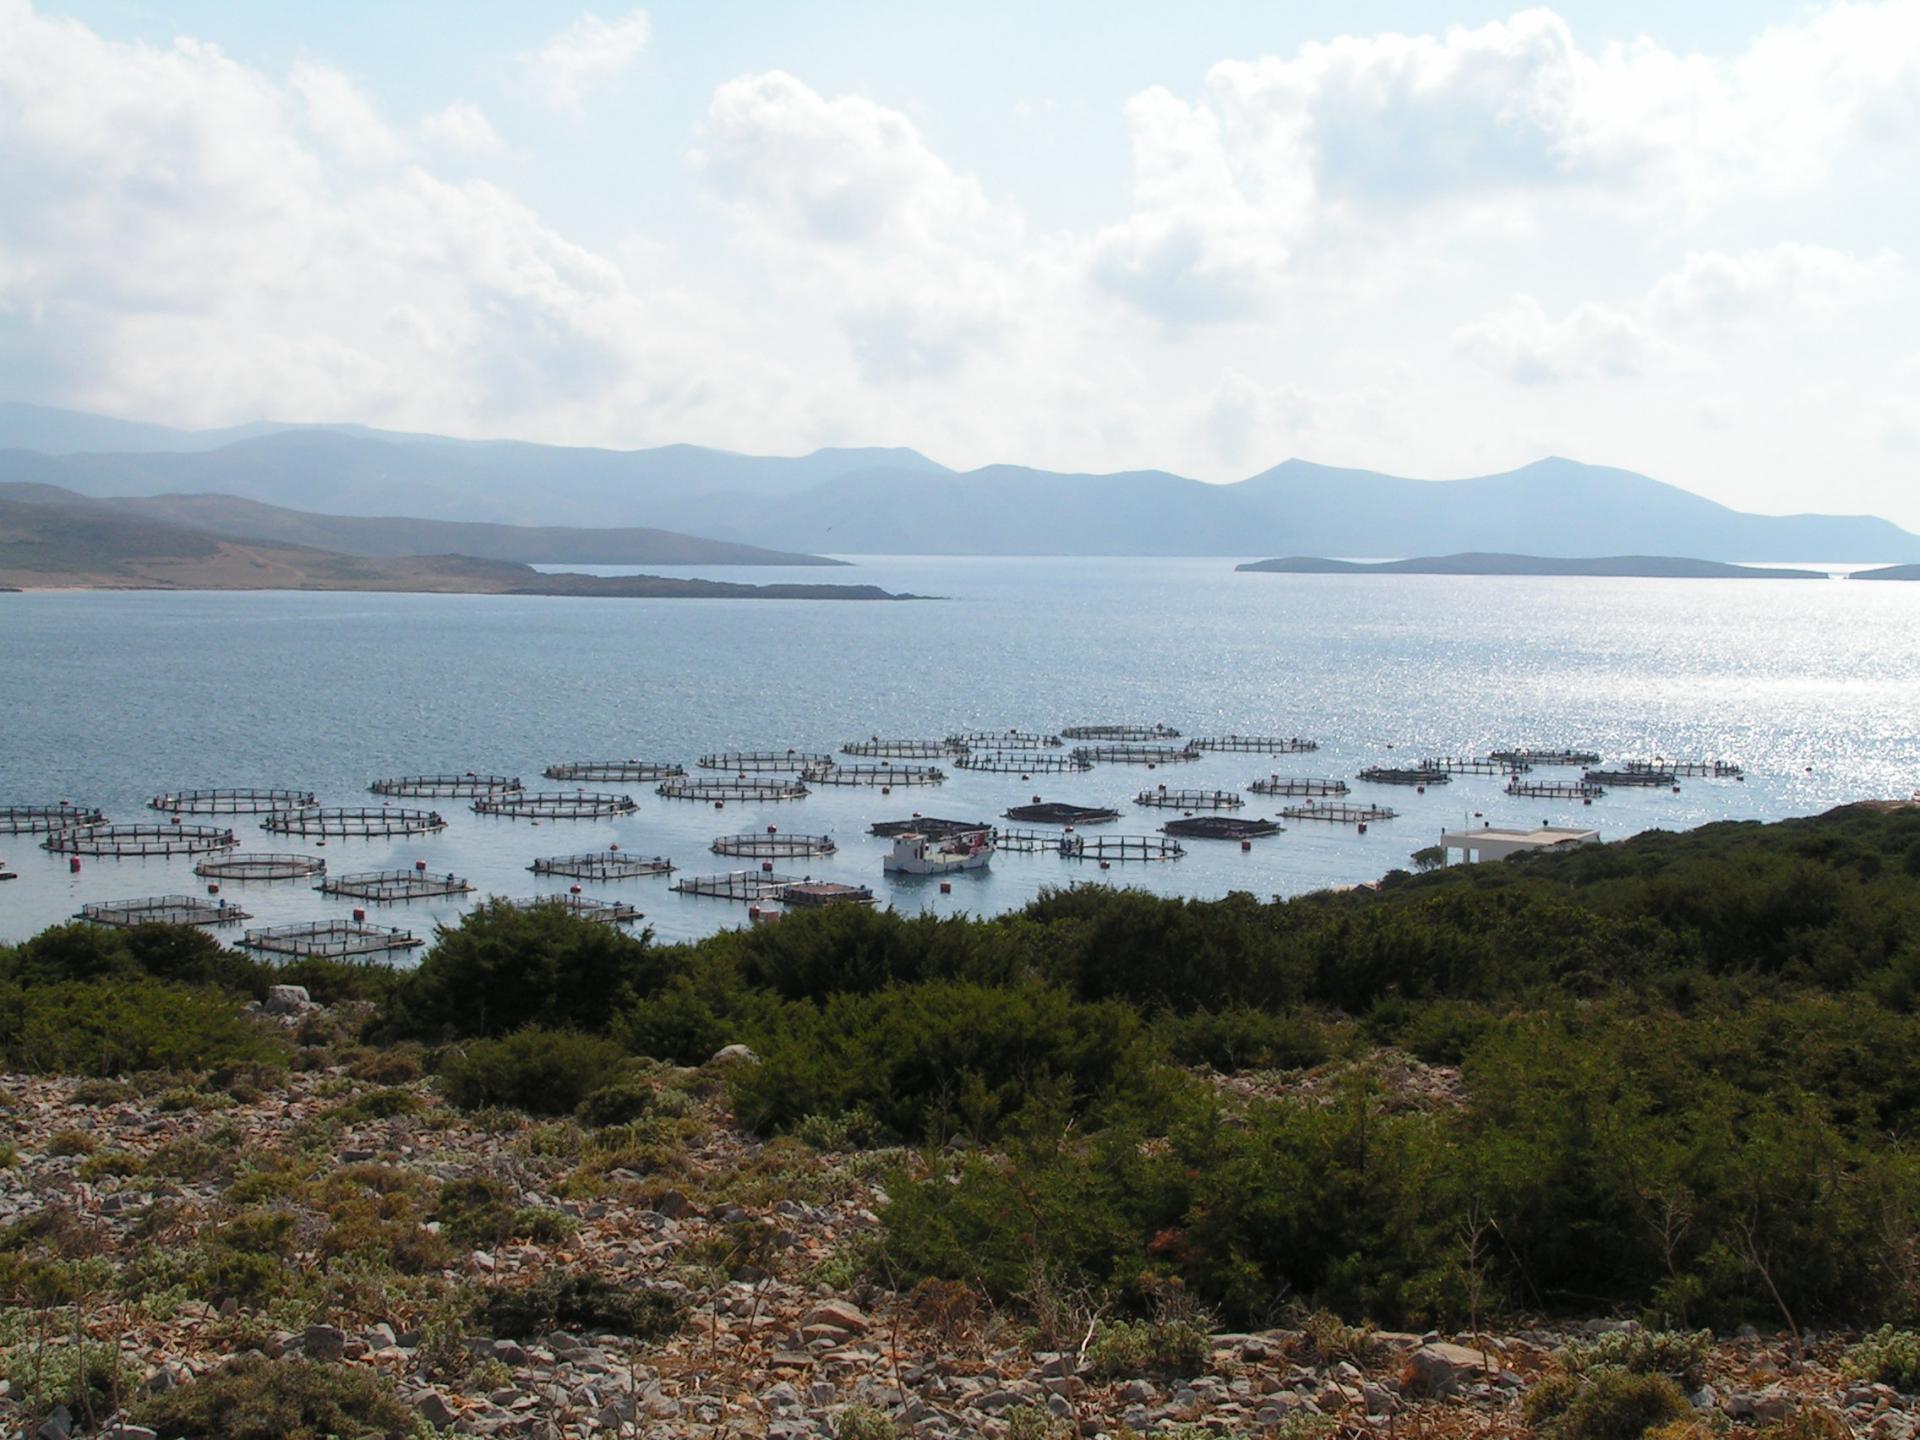 JPI oceans project